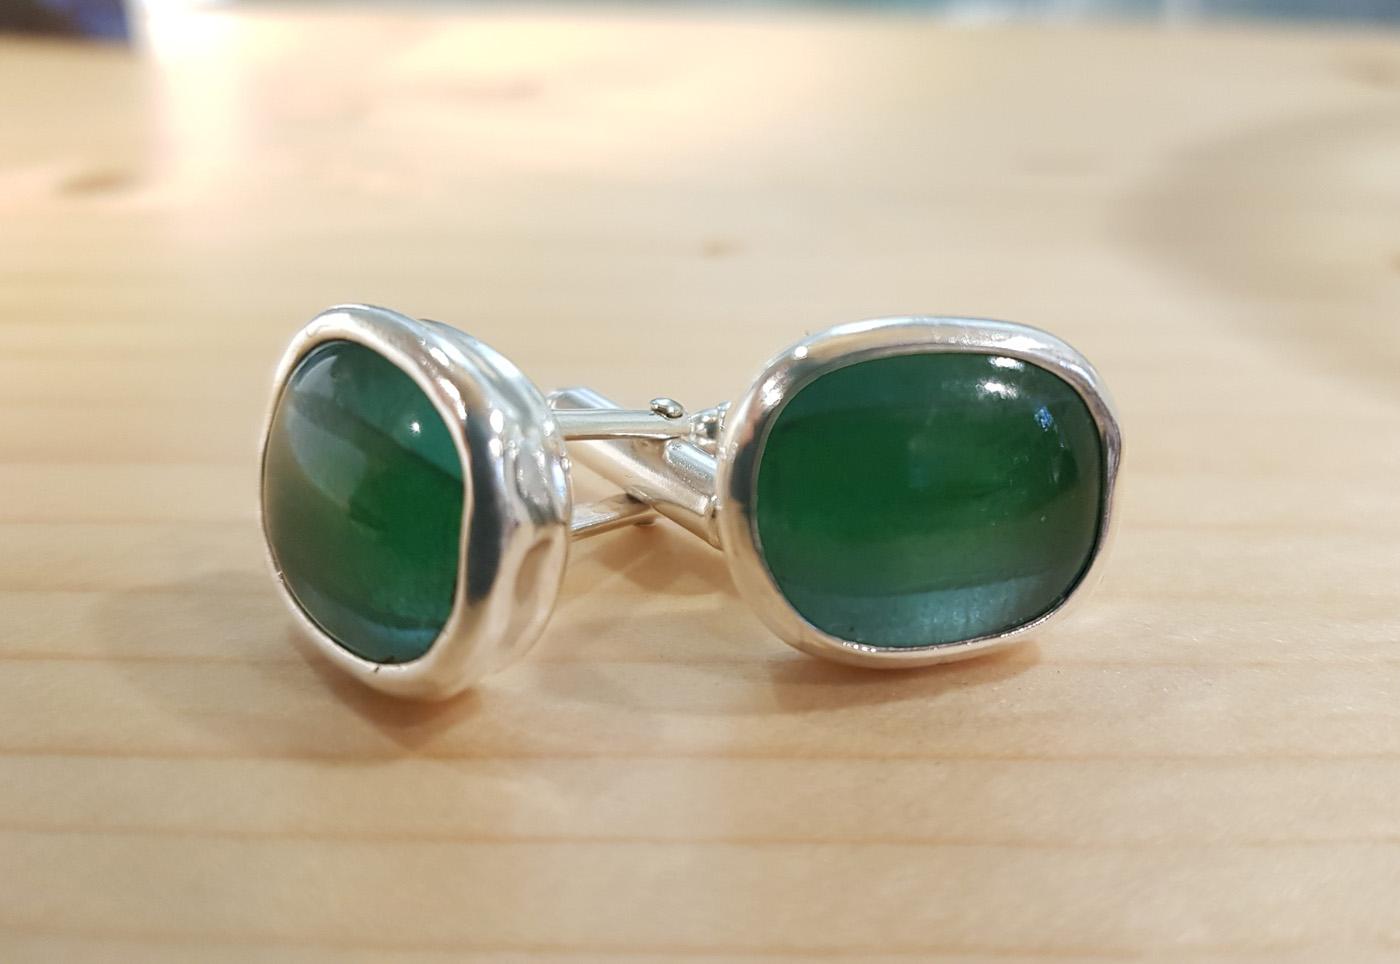 Jenia Gorfunkel - silver and glass cufflinks